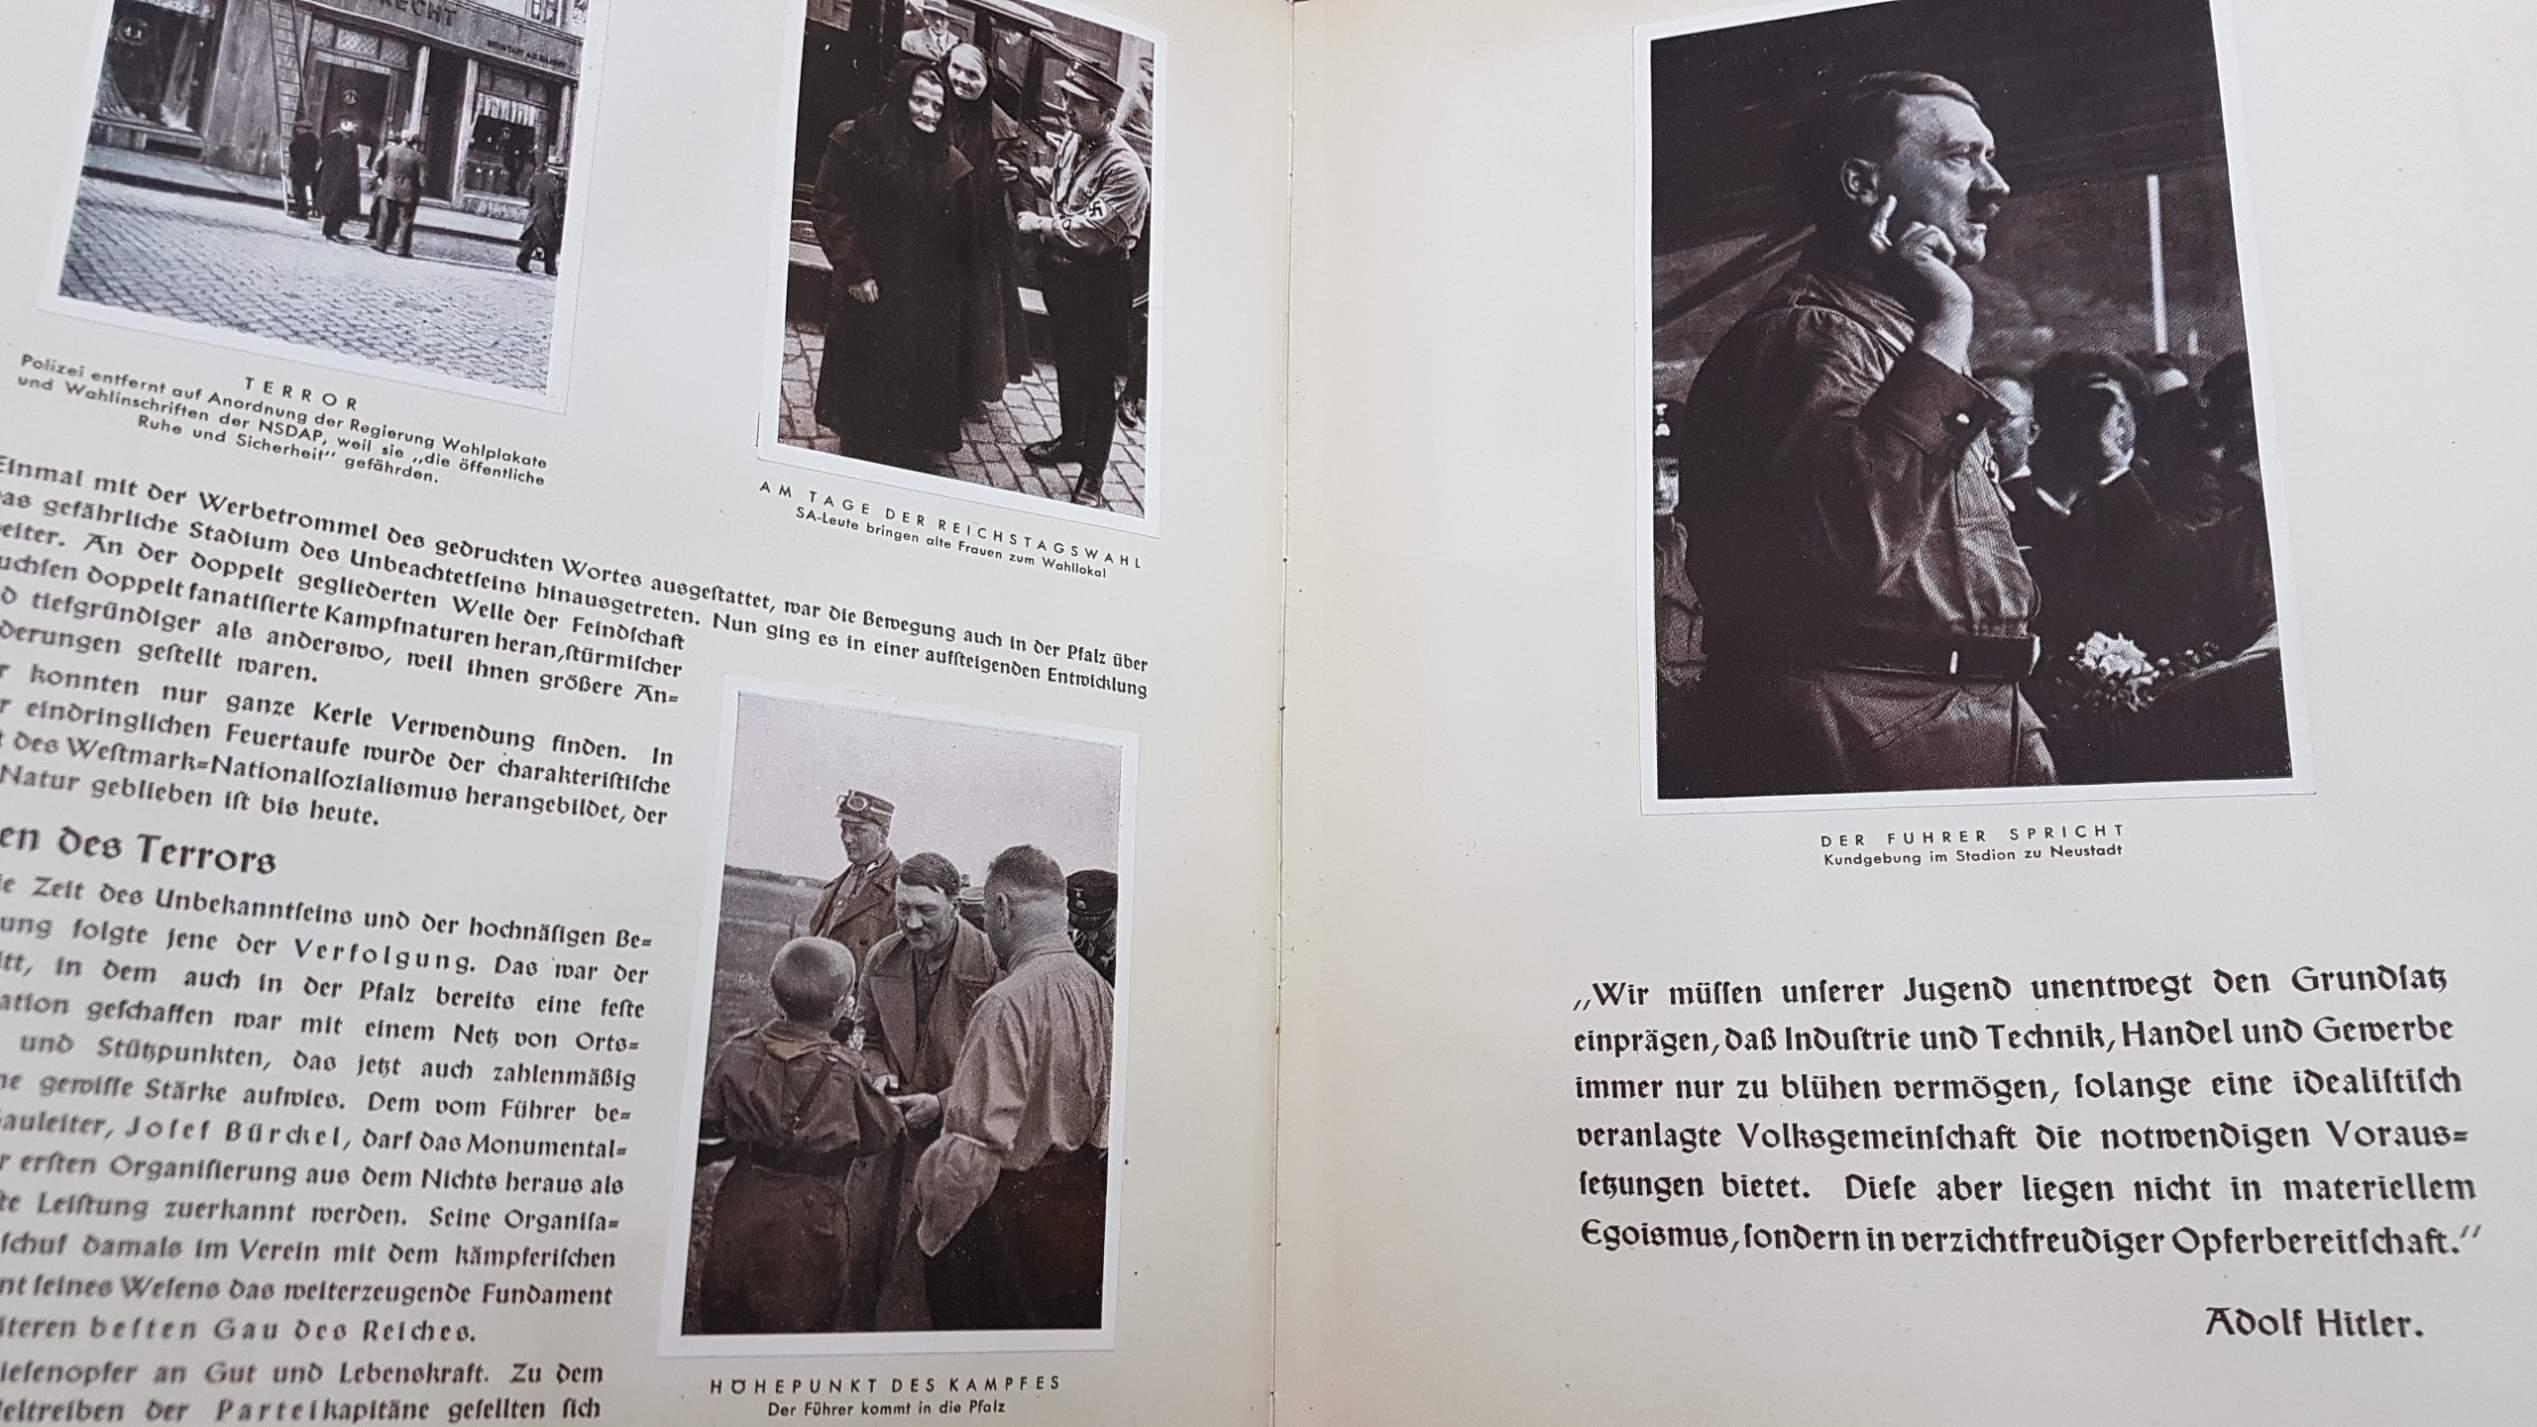 Das Weltmark Buch 1934/35